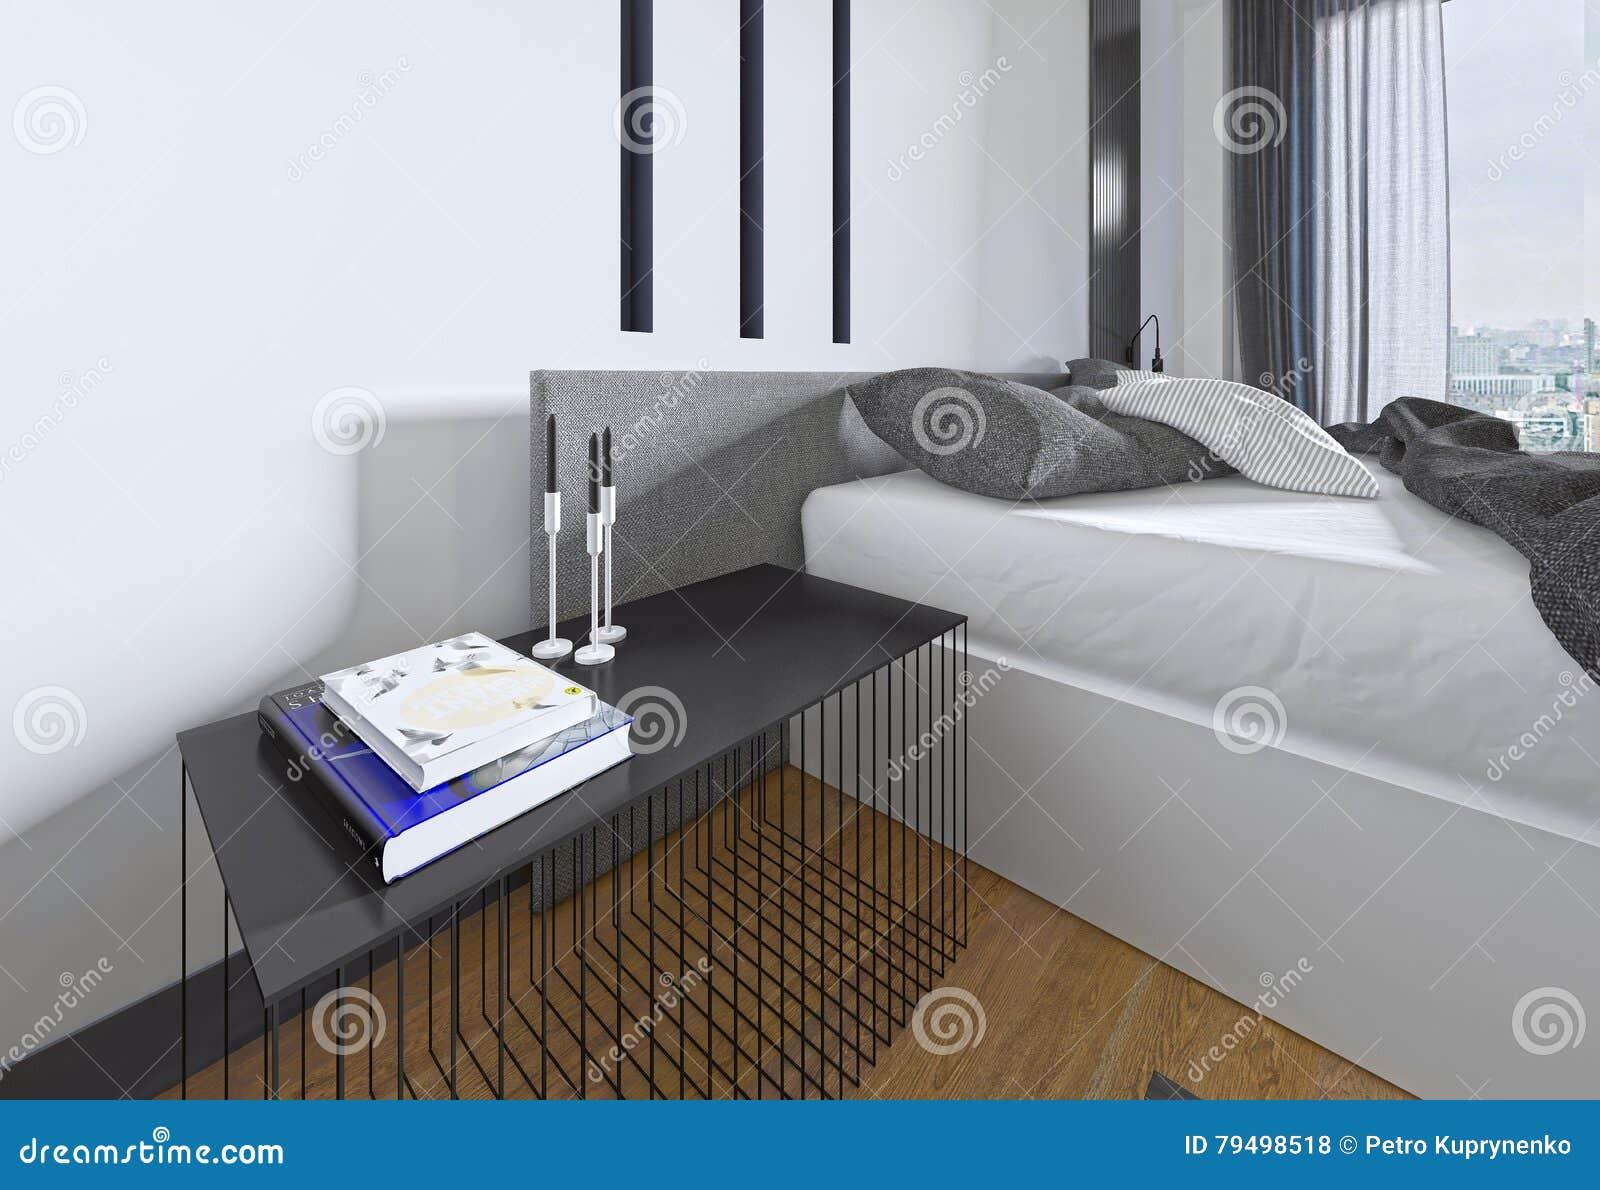 Table De Chevet De Concepteur Avec Le Decor Dans Une Chambre A